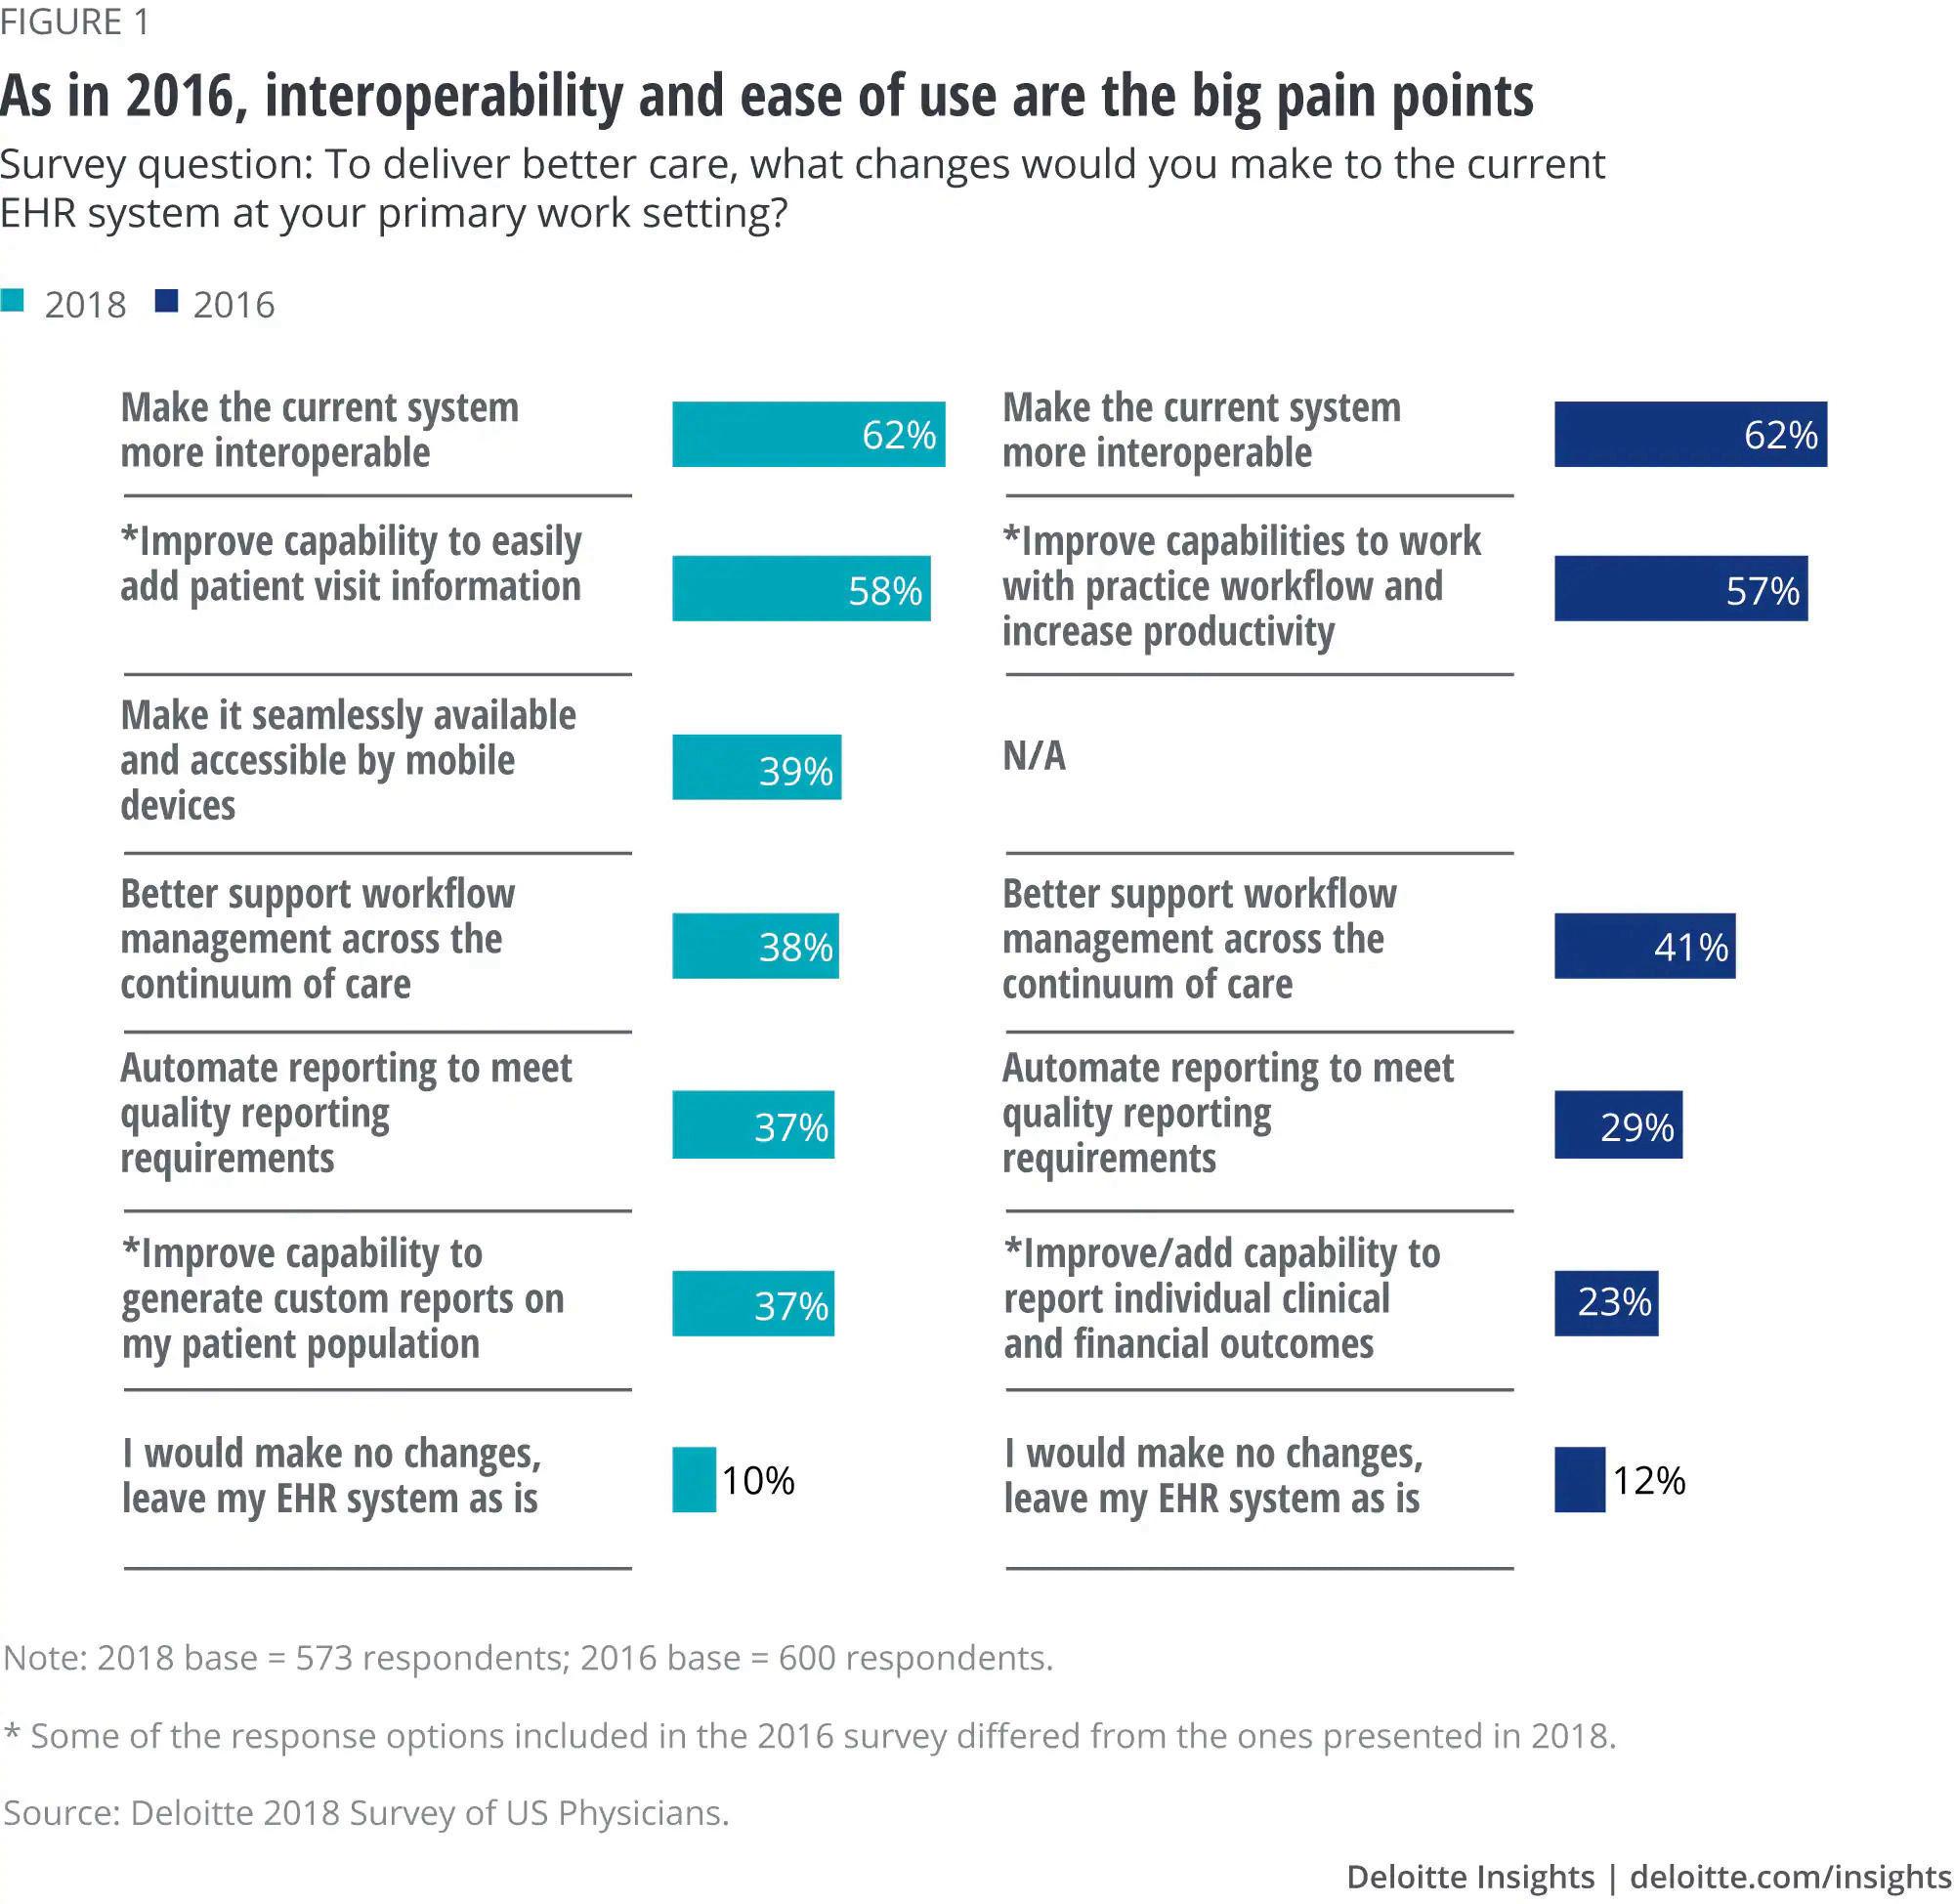 Deloitte Survey - EHR Interoperability